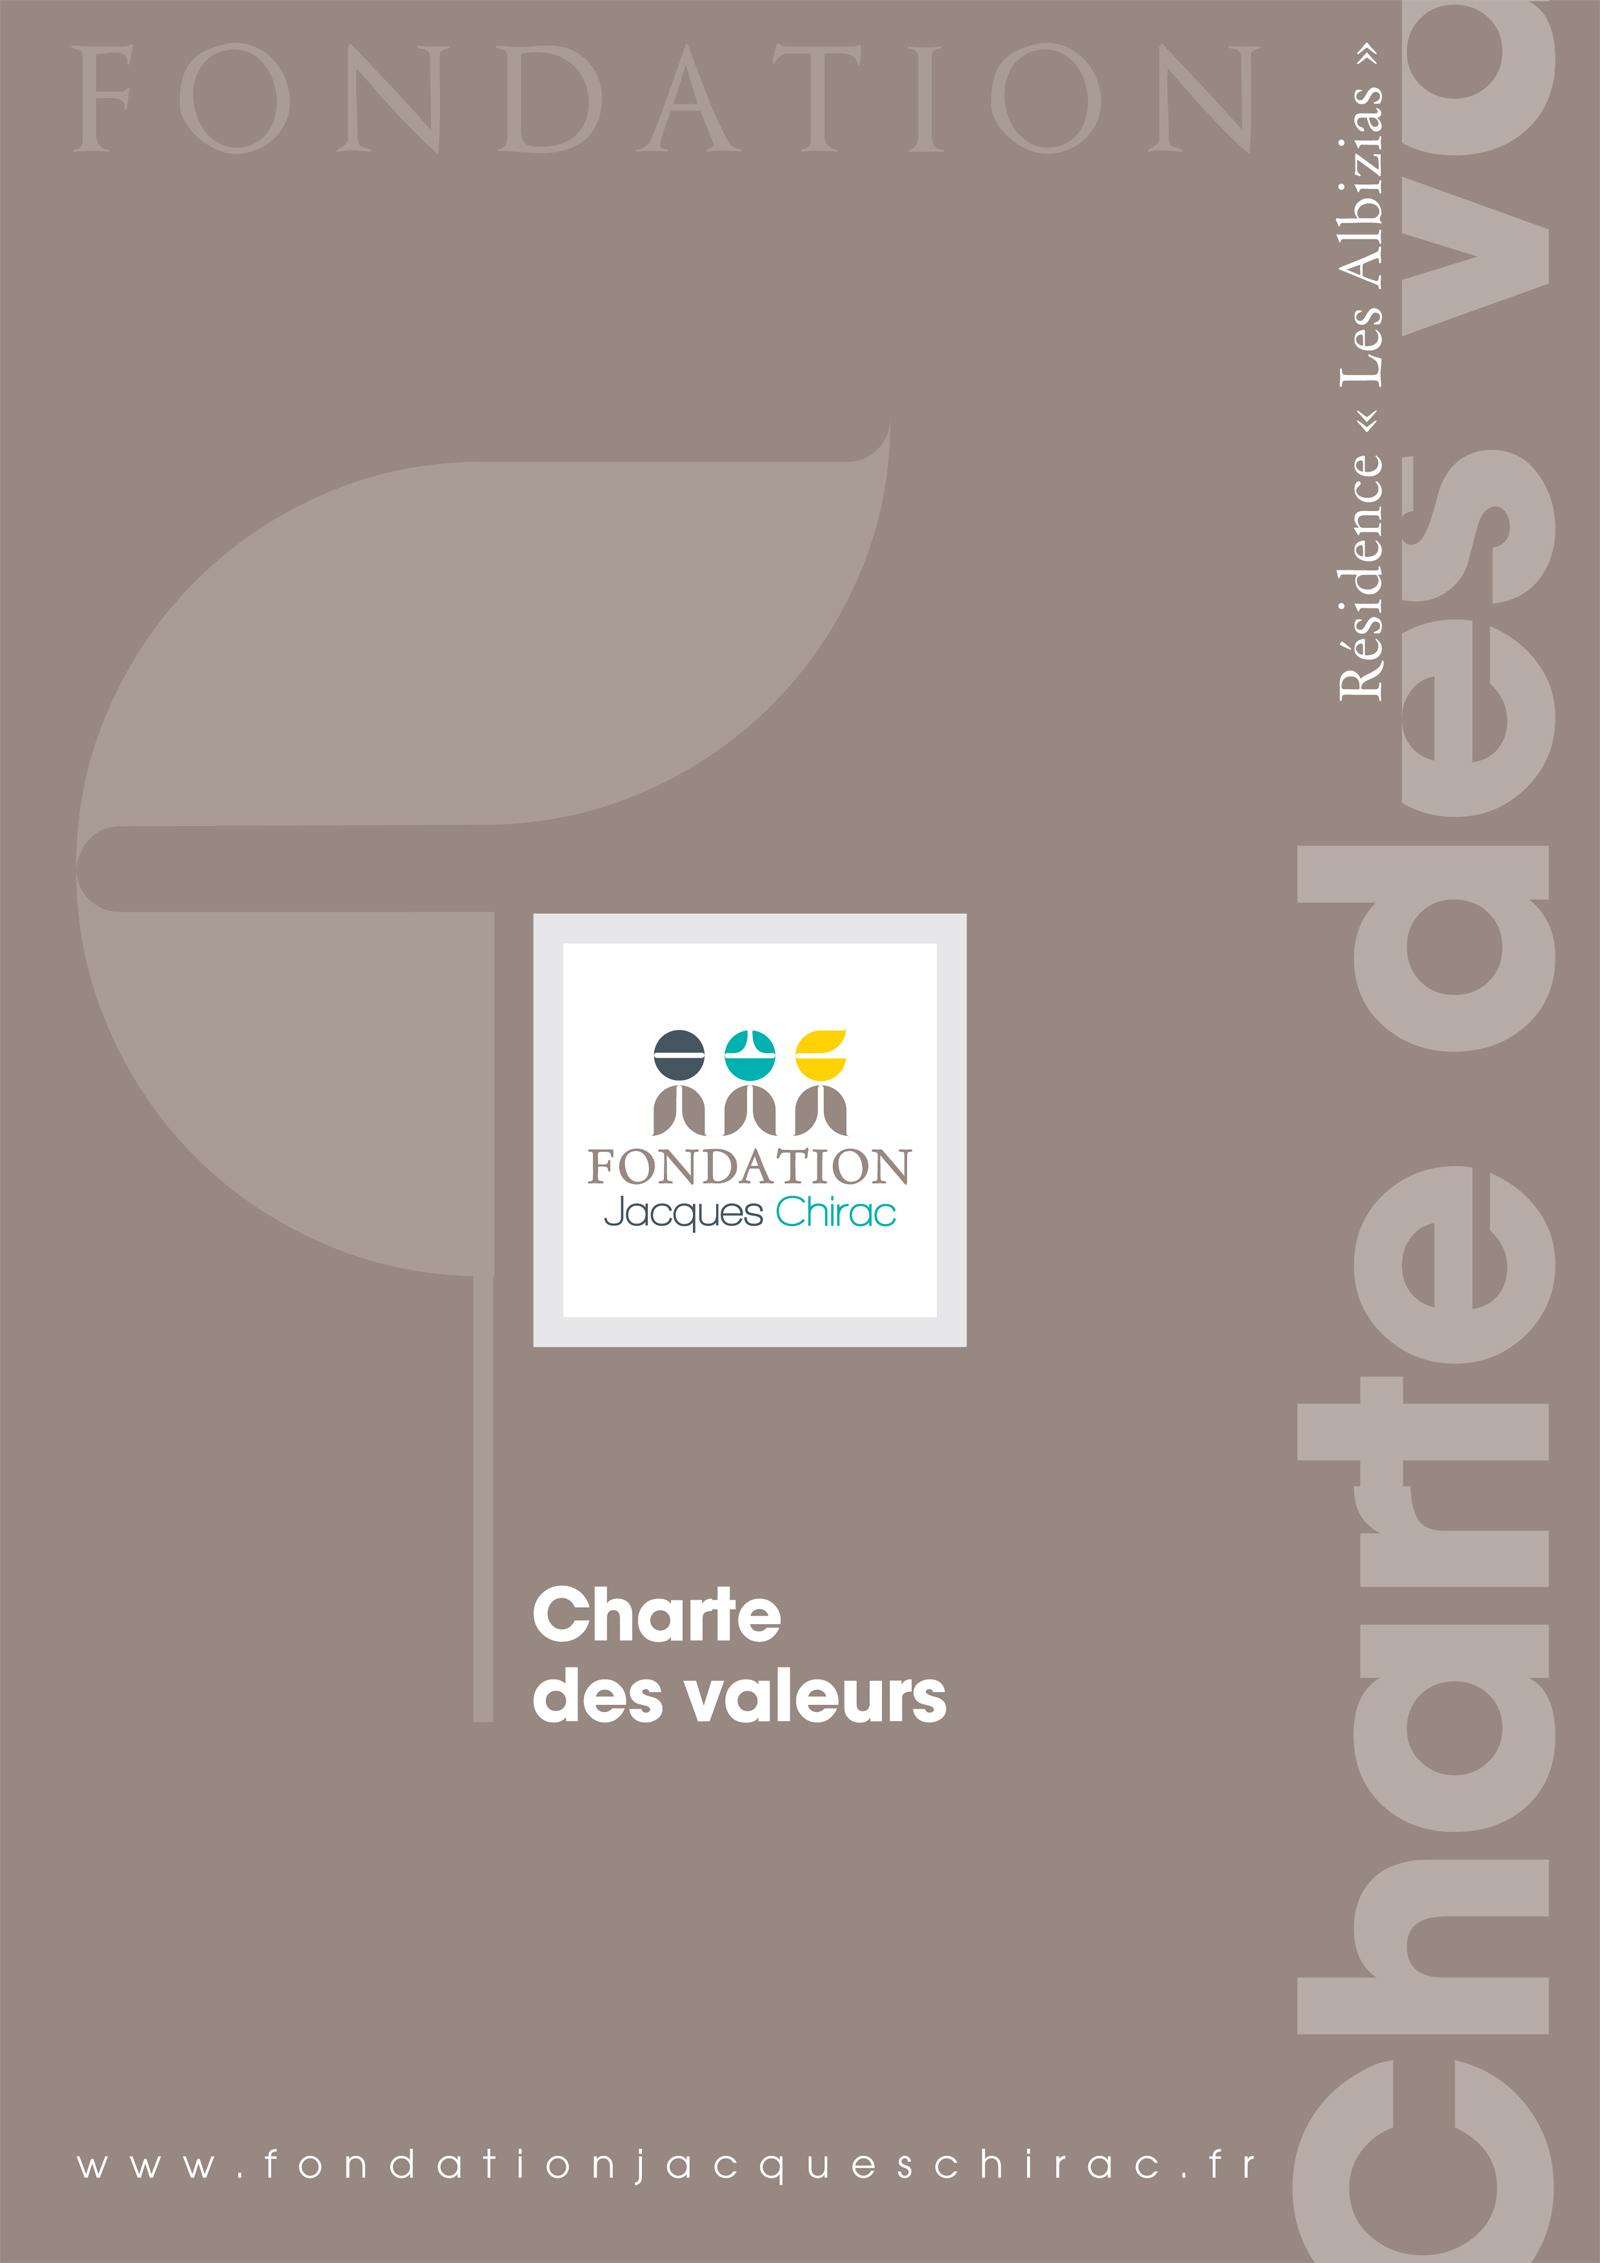 Réalisation Comevents - Fondation Jacques Chirac - Charte des valeurs